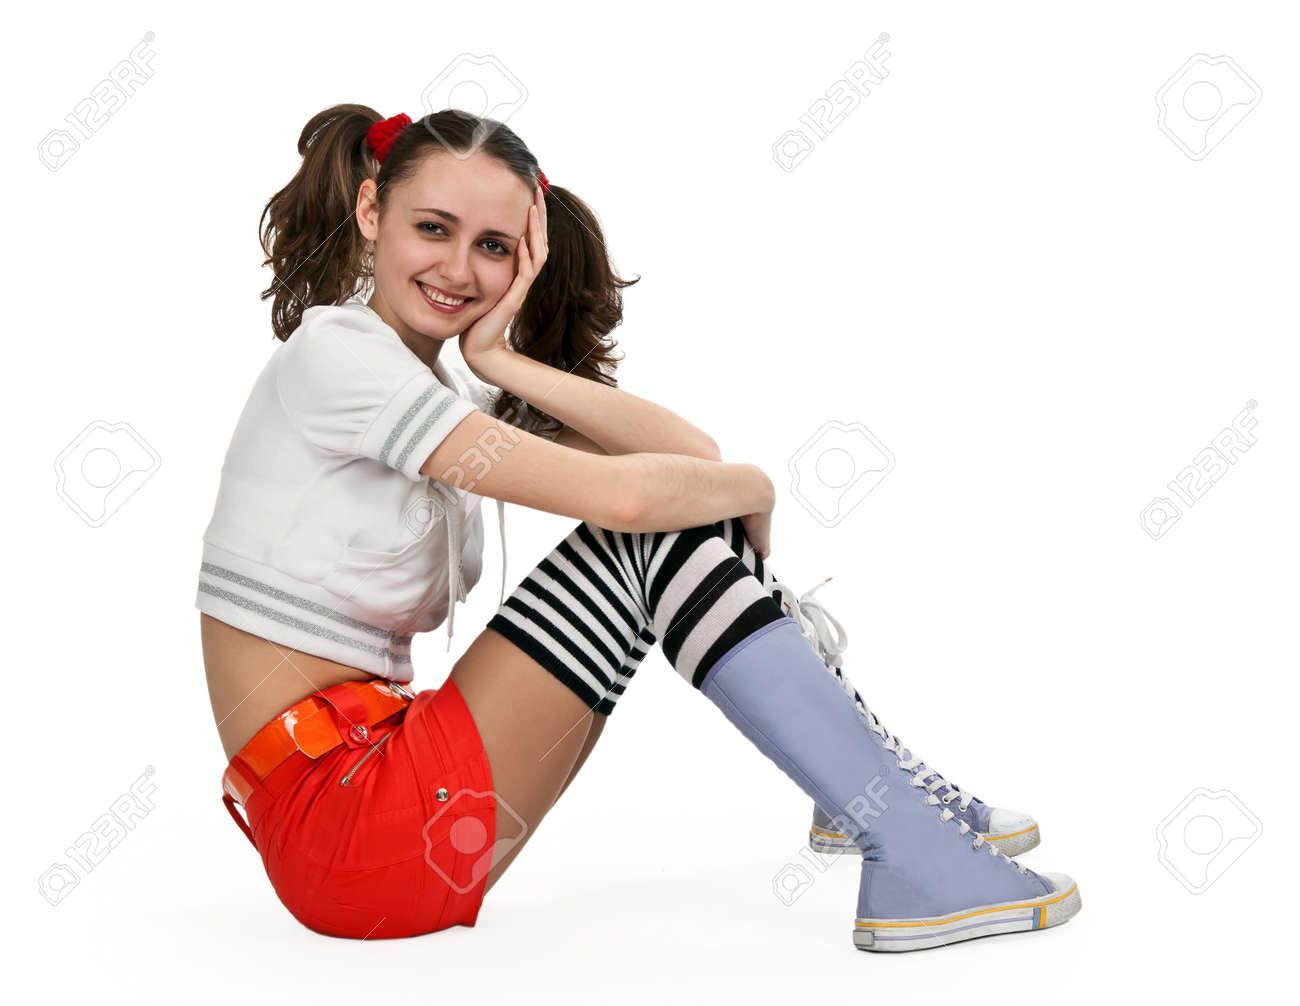 Девочка в мини юбке сидит